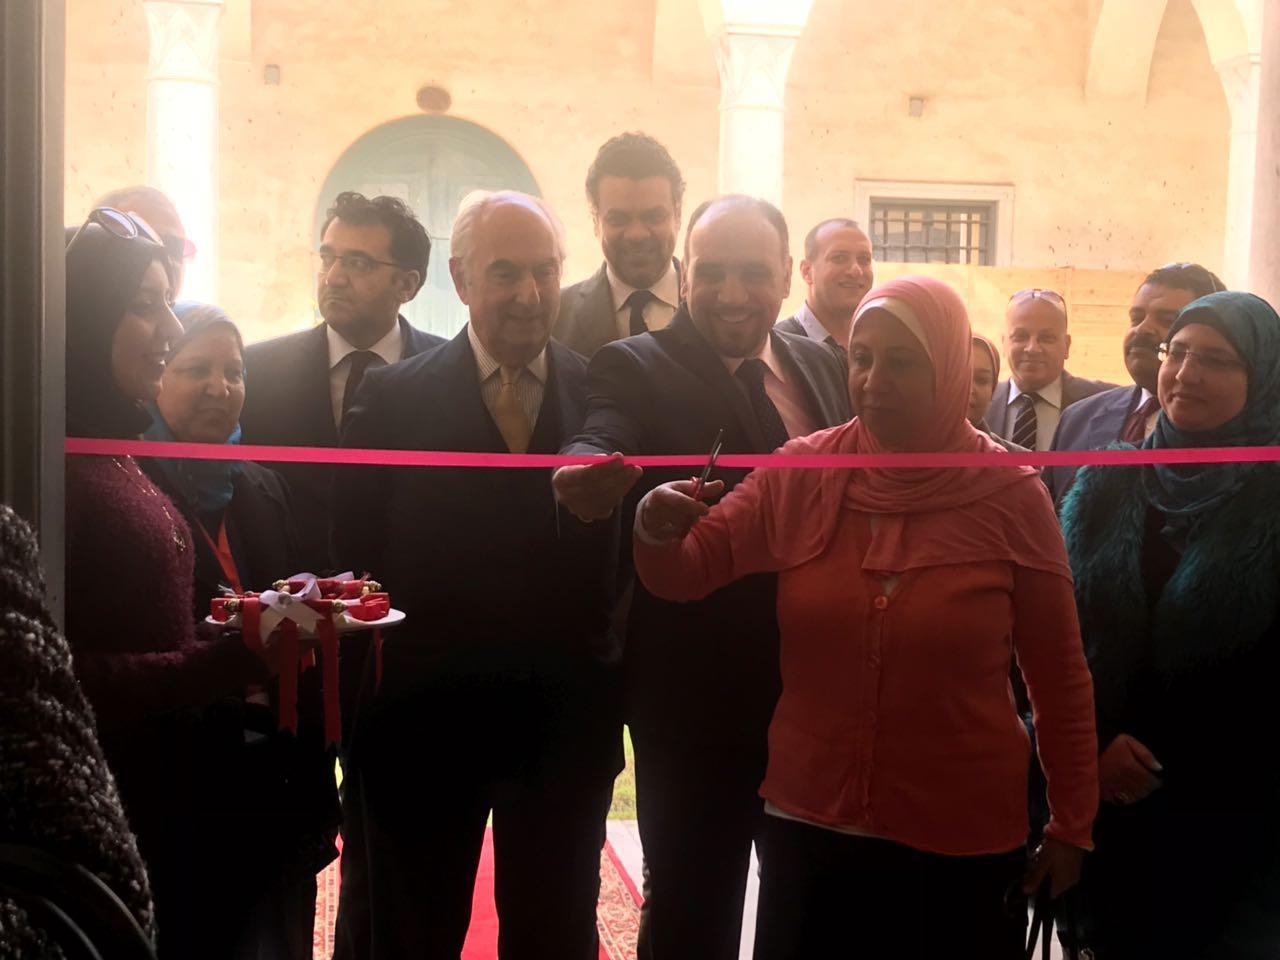 افتتاح معرض الف ليلة وليلة بمتحف قصر المنيل (8)